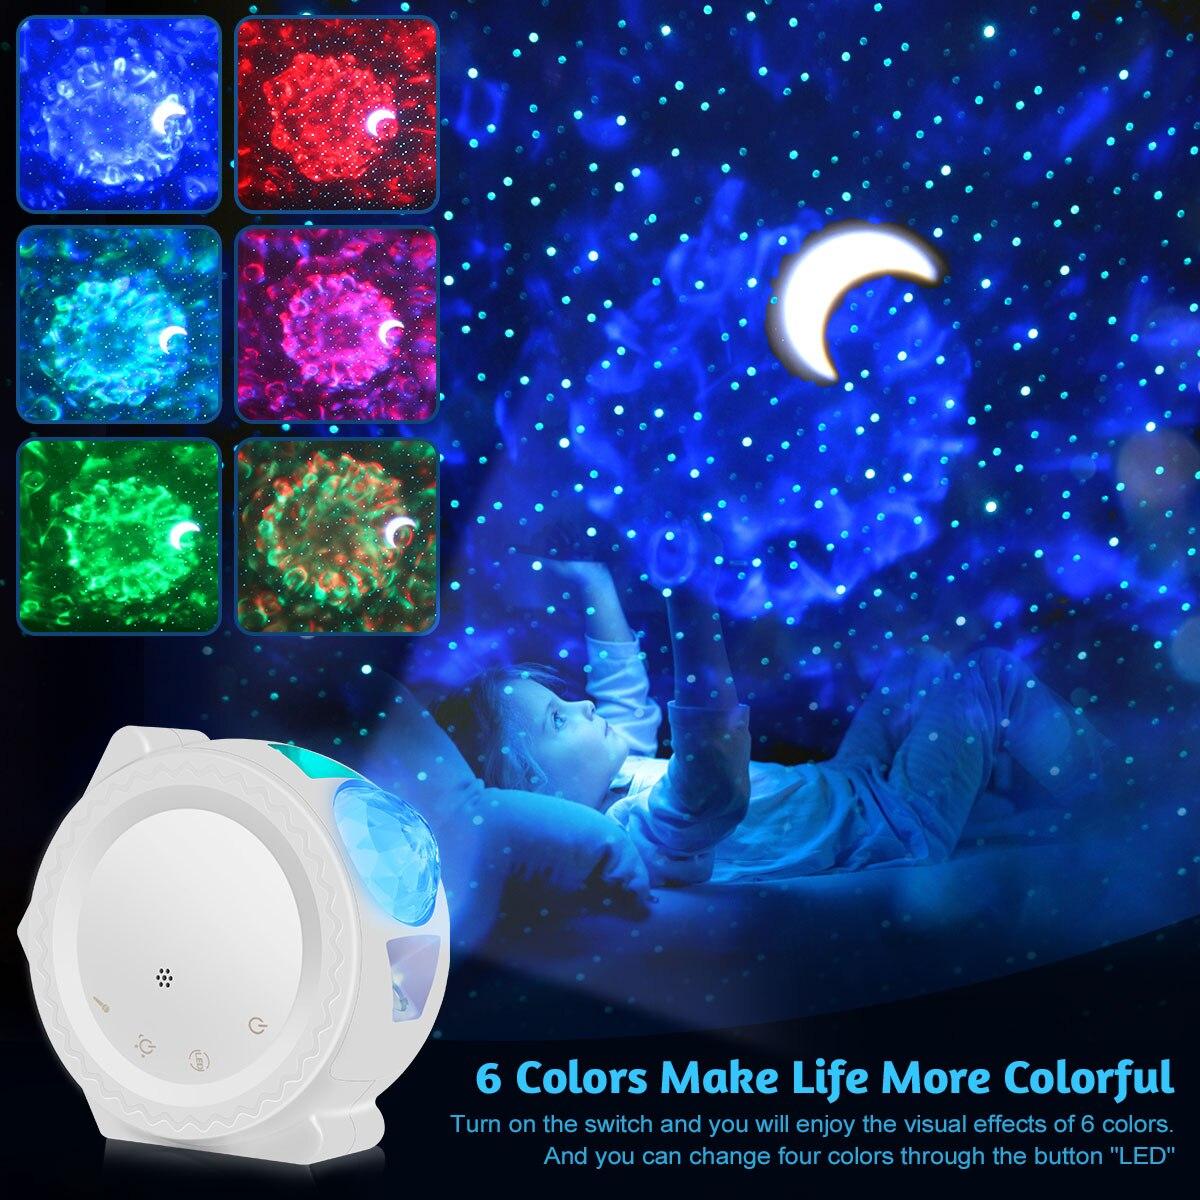 6 ألوان المحيط يلوحون ضوء النجوم السماء العارض LED سديم سحابة ليلة ضوء 360 درجة دوران مصباح ضوء الليل للأطفال دا